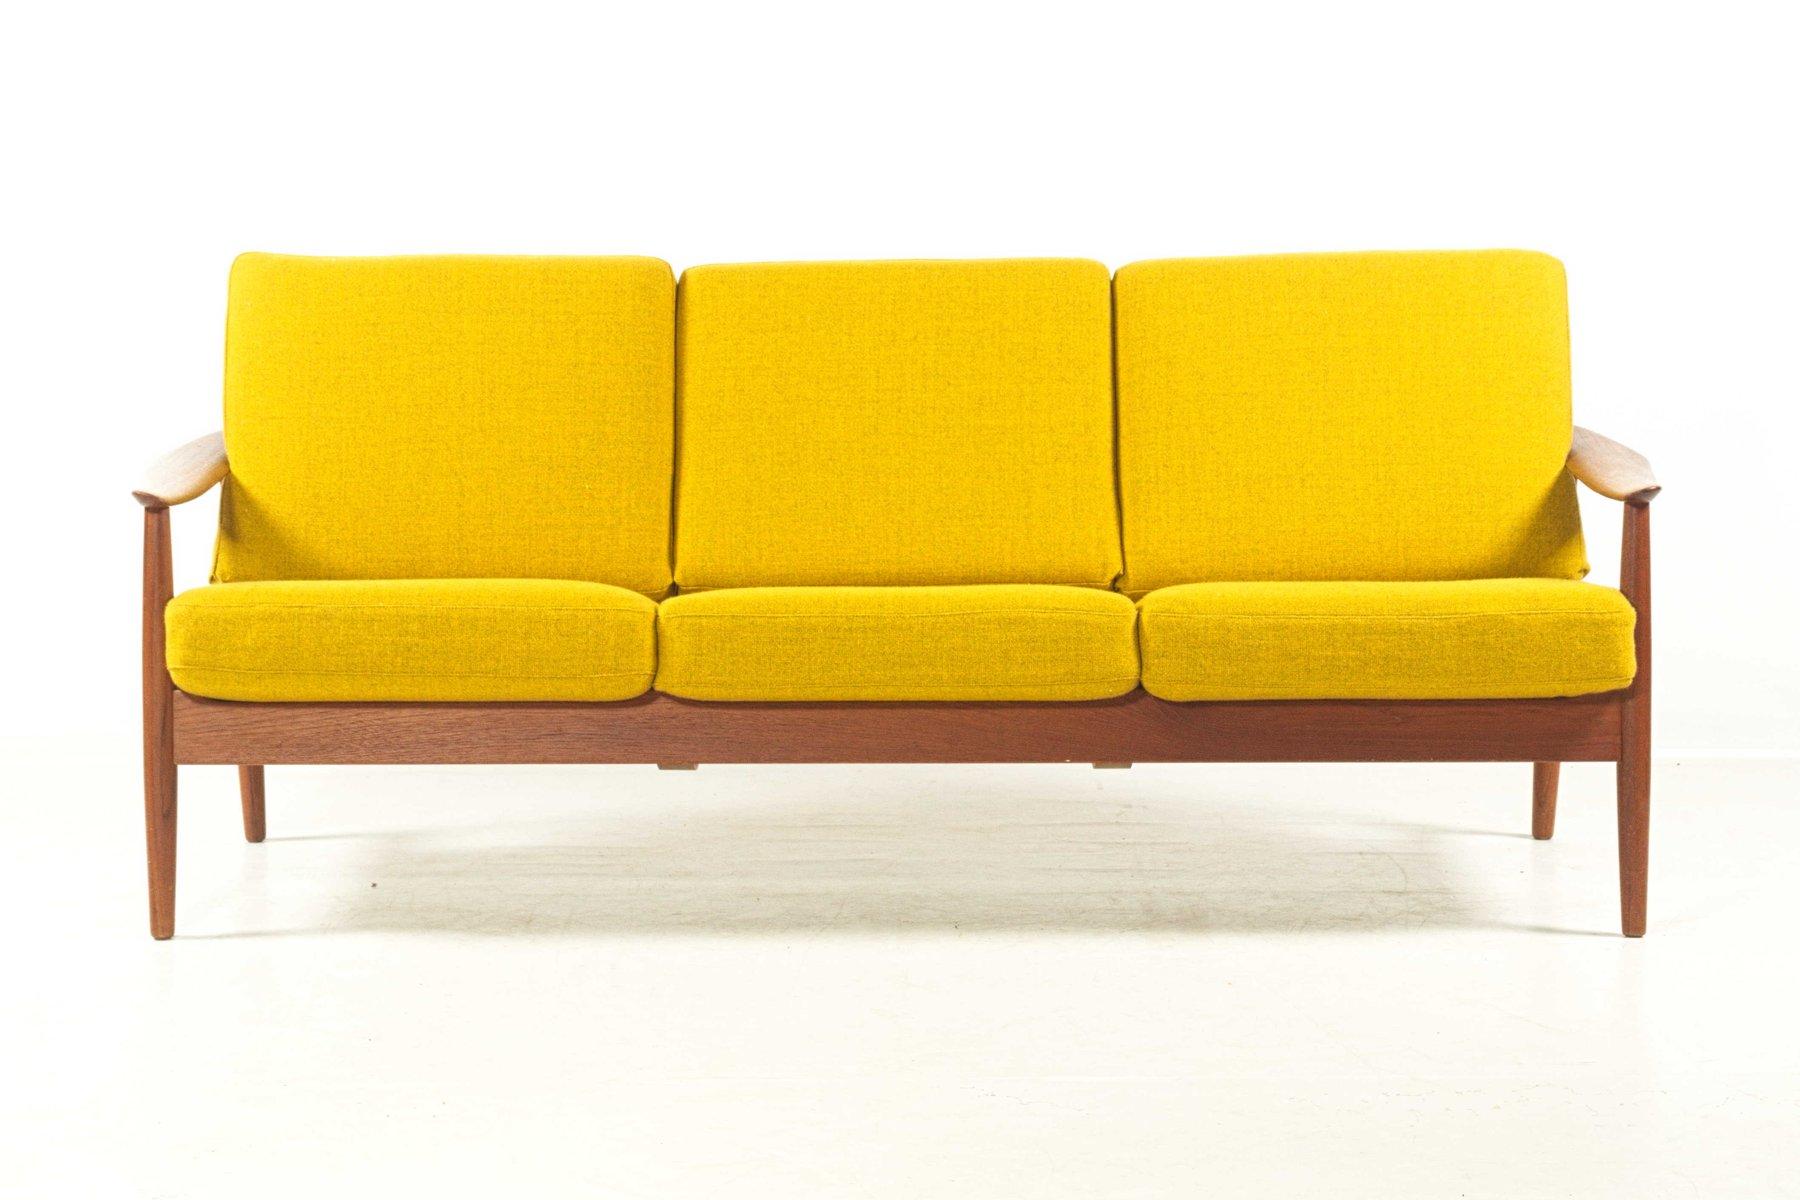 Yellow 3 Seater Teak Sofa By Arne Vodder For France Søn